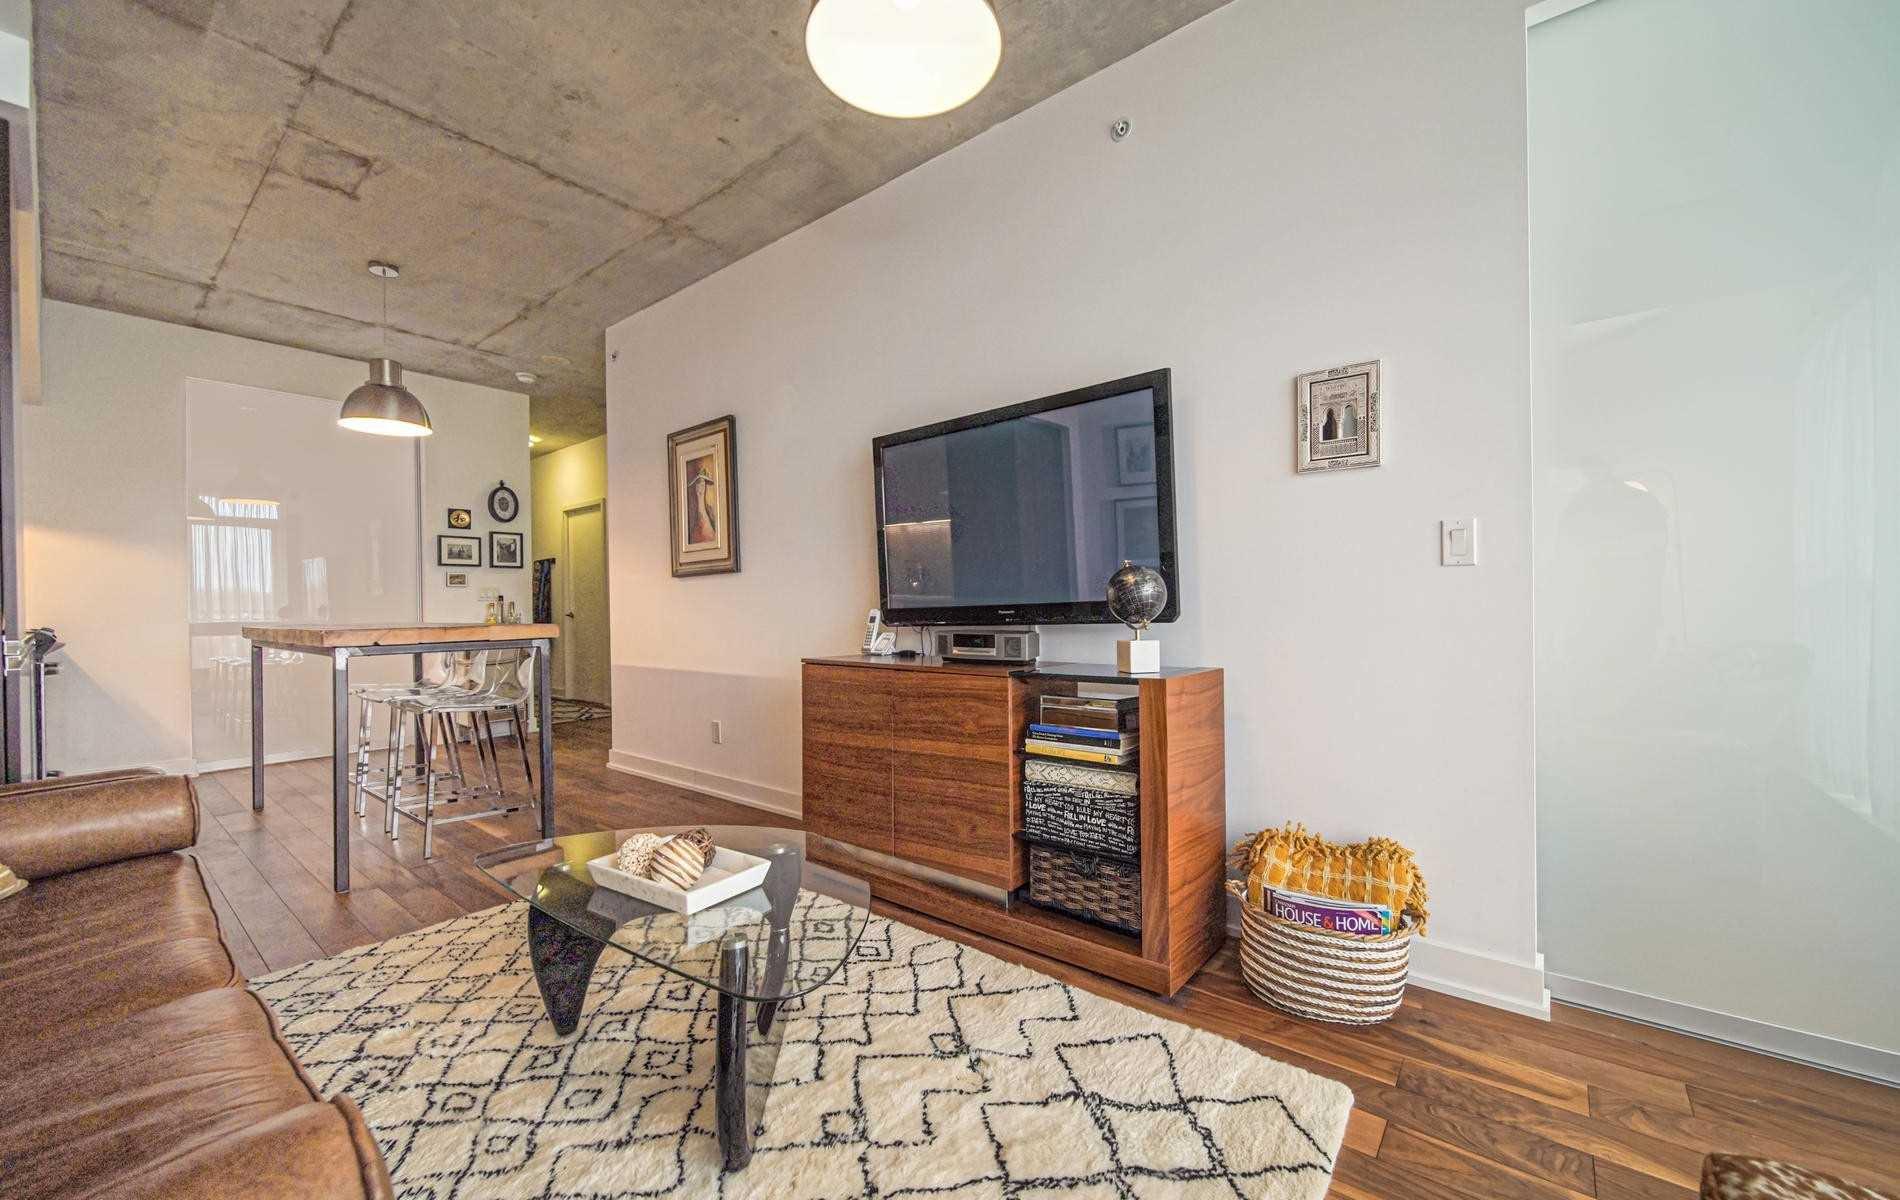 Photo 4: Photos: 702 1190 E Dundas Street in Toronto: South Riverdale Condo for sale (Toronto E01)  : MLS®# E4766173